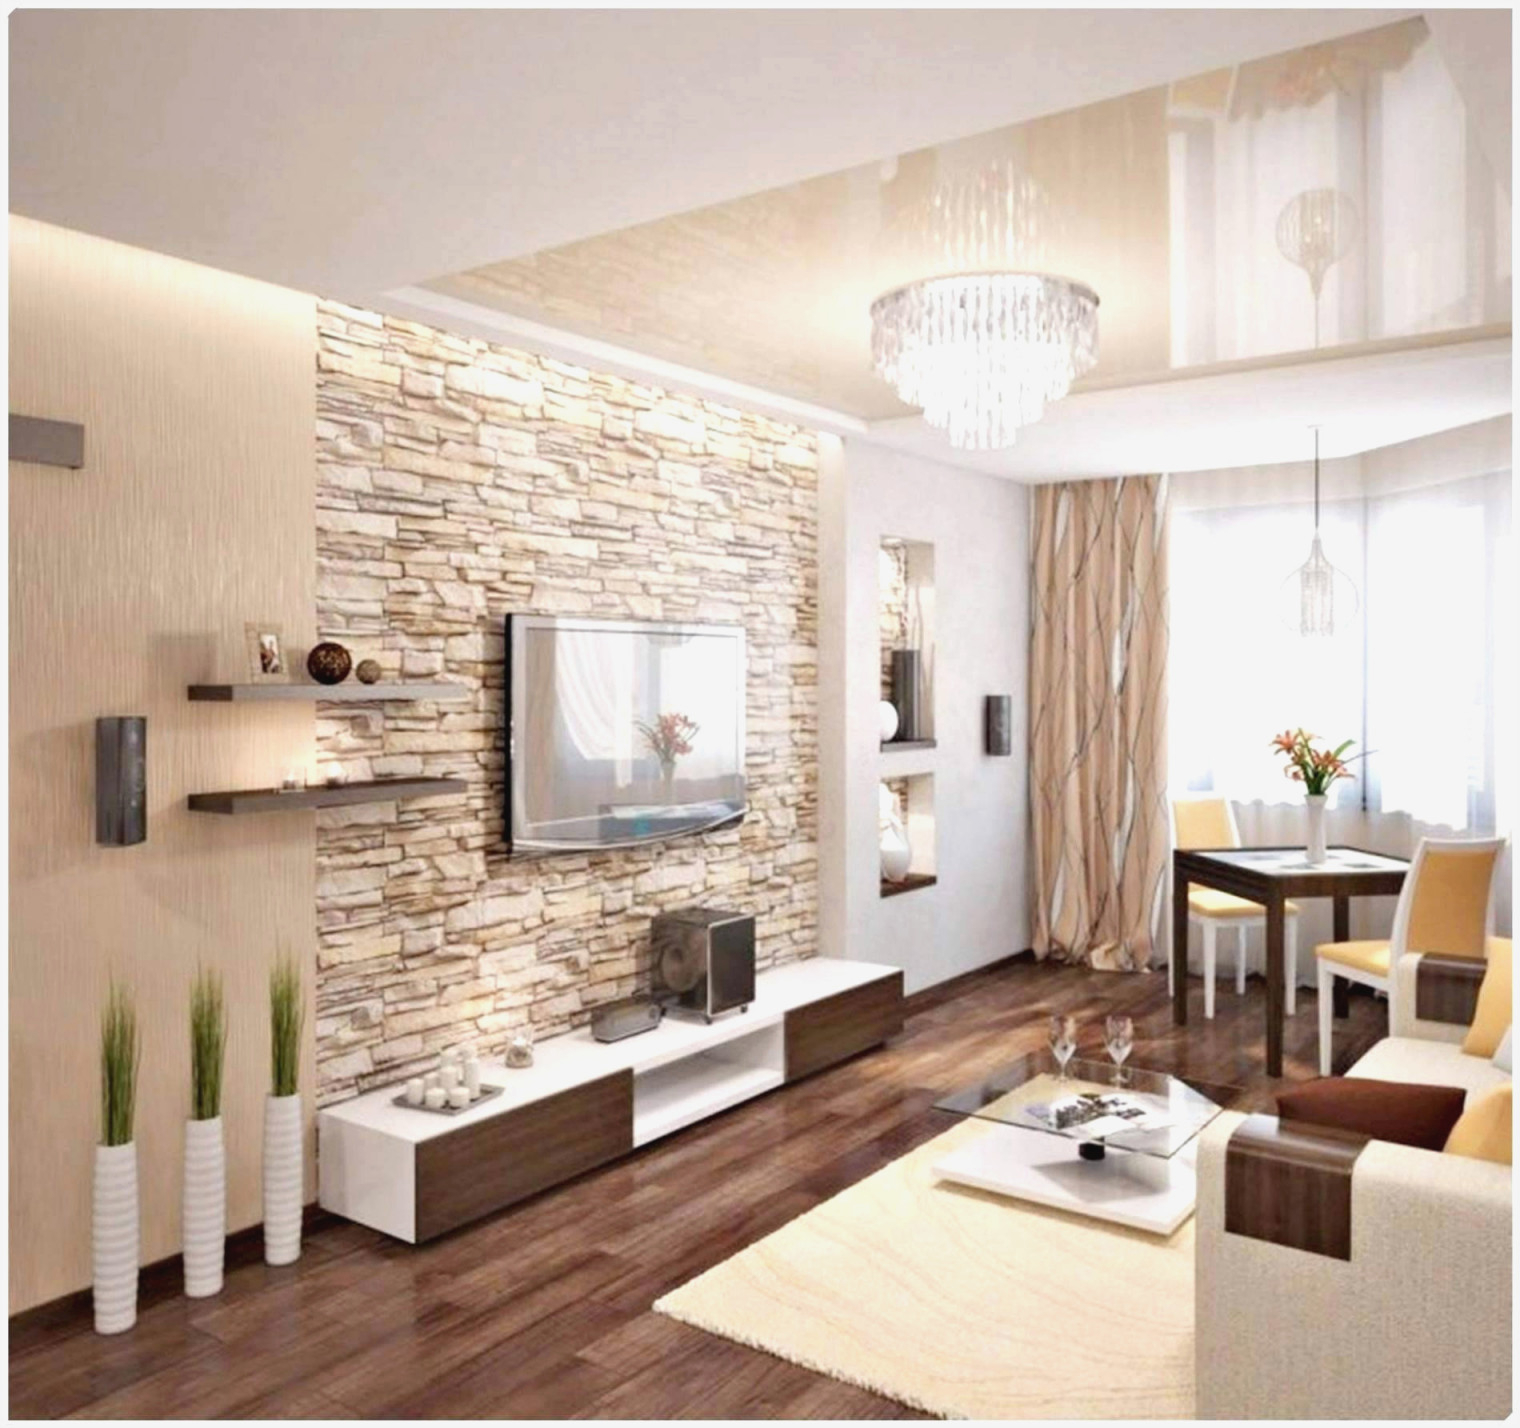 Wohnzimmer Braun Beige Streichen – Caseconrad von Wohnzimmer Ideen Braun Beige Photo